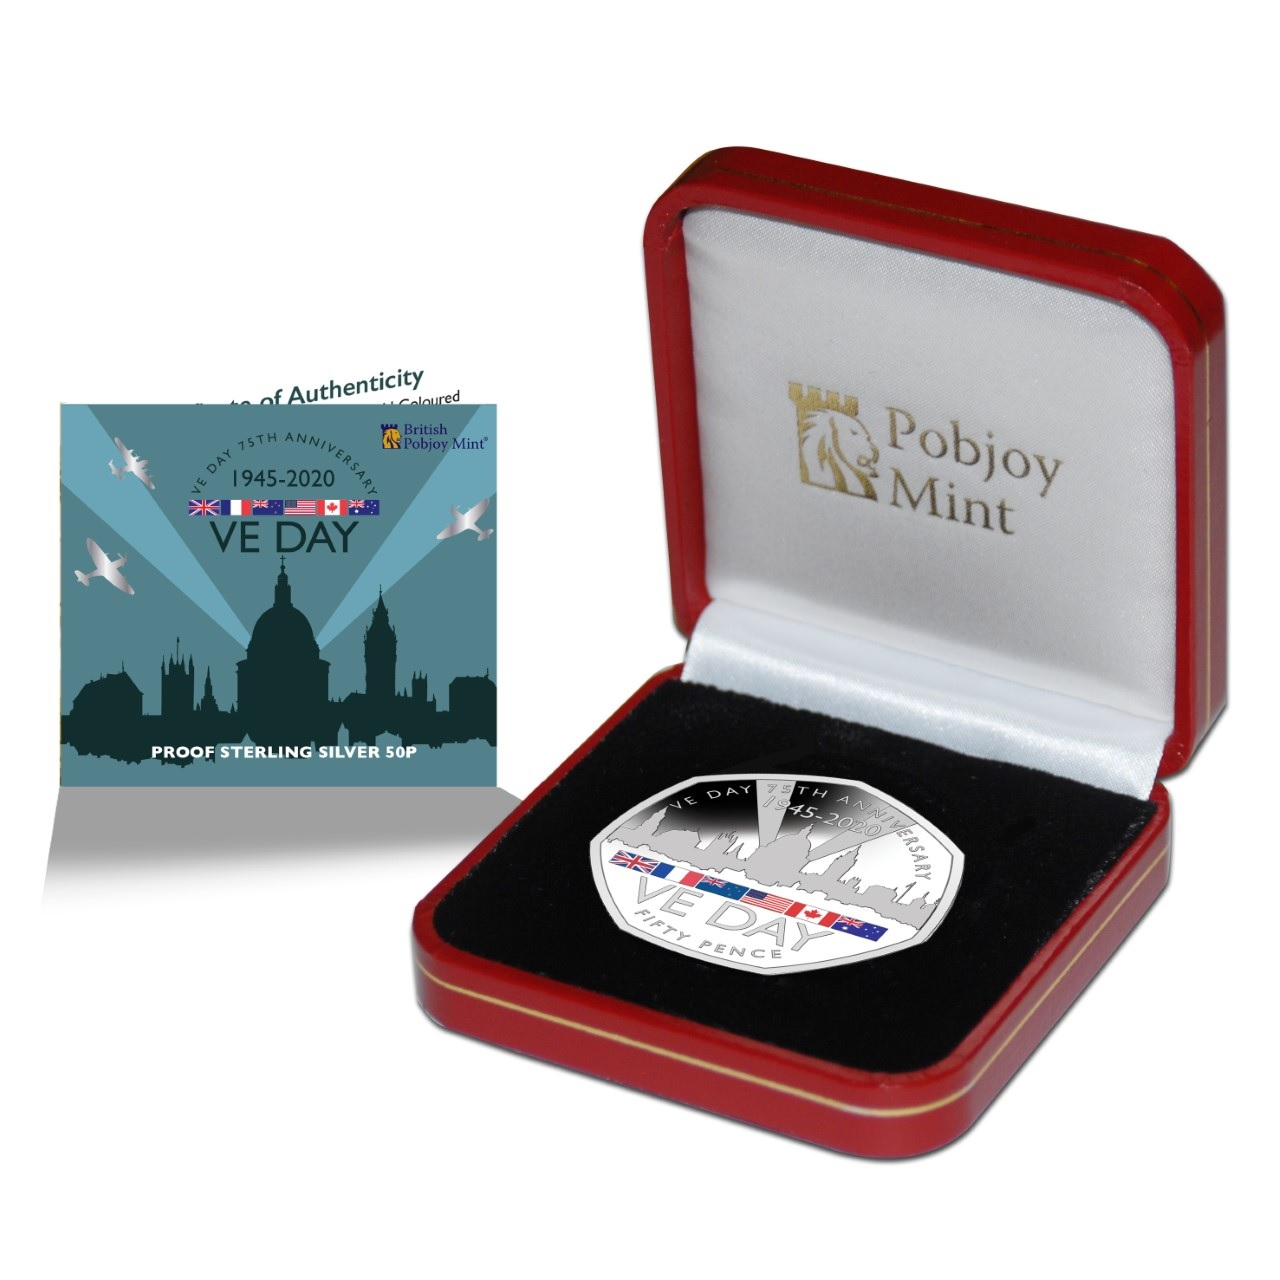 Гибралтар монета 50 пенсов 75-летие Победы, подарочная упаковка